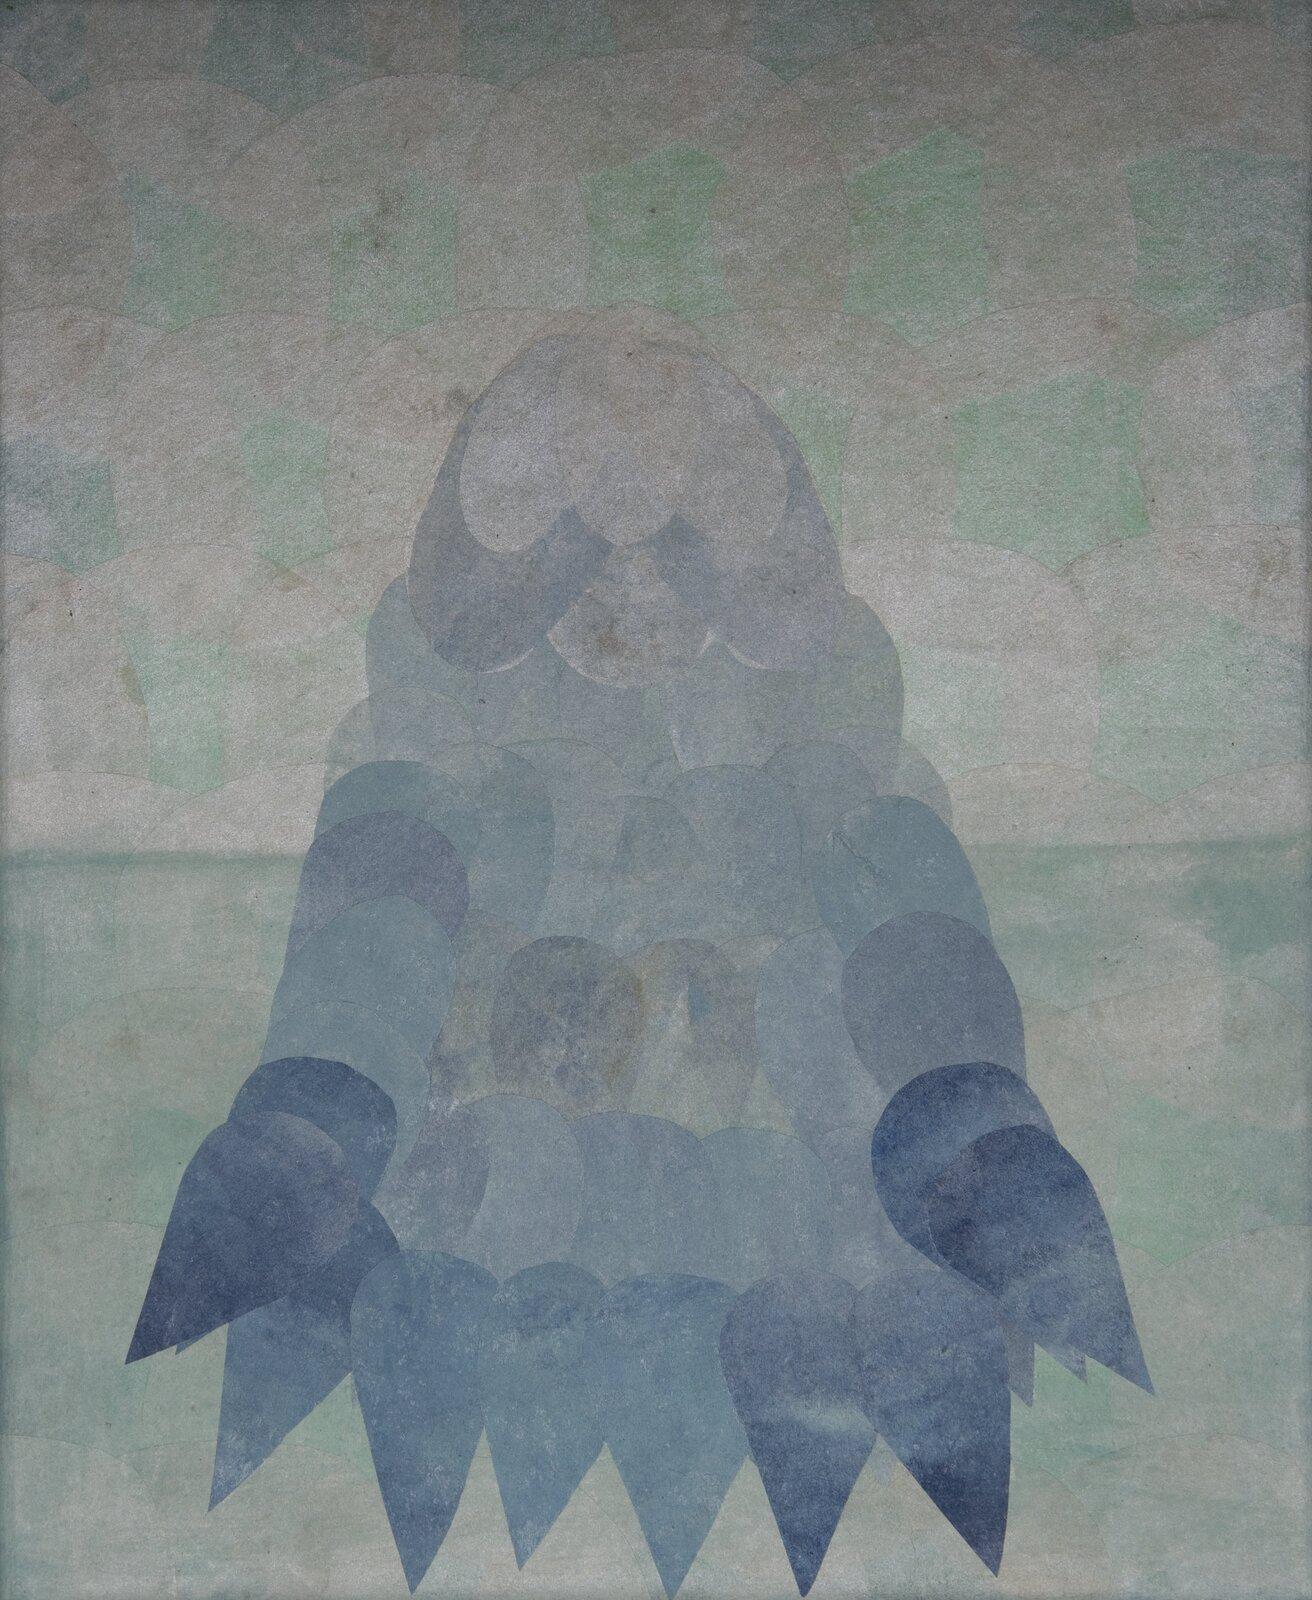 """Ilustracja przedstawia obraz """"Lodowiec"""" autorstwa Joanny Chołaścińskiej. Namalowana przez artystkę kompozycja balansuje na pograniczu abstrakcji ifiguracji. Przy pomocy prostych, powtarzających się kształtów stworzyła ona obraz przywodzący na myśl wielką górę lodową zanurzoną wzimnym morzu. Wcentrum znajduje się sylwetka bryły zjasną, zwężającą się górą oraz ściemniającym się na niebiesko, rozszerzonym dołem, która składa się zszarych iniebieskich plam oowalnych iłezkowatych kształtach. Tło podzielone jest na dolną ciemniejszą oraz górną jaśniejszą część. Obydwie wypełnione są okrągłymi, zielono-beżowymi formami. Praca została wykonana wwąskiej, chłodnej, szaro-zielono-niebieskiej gamie barw."""